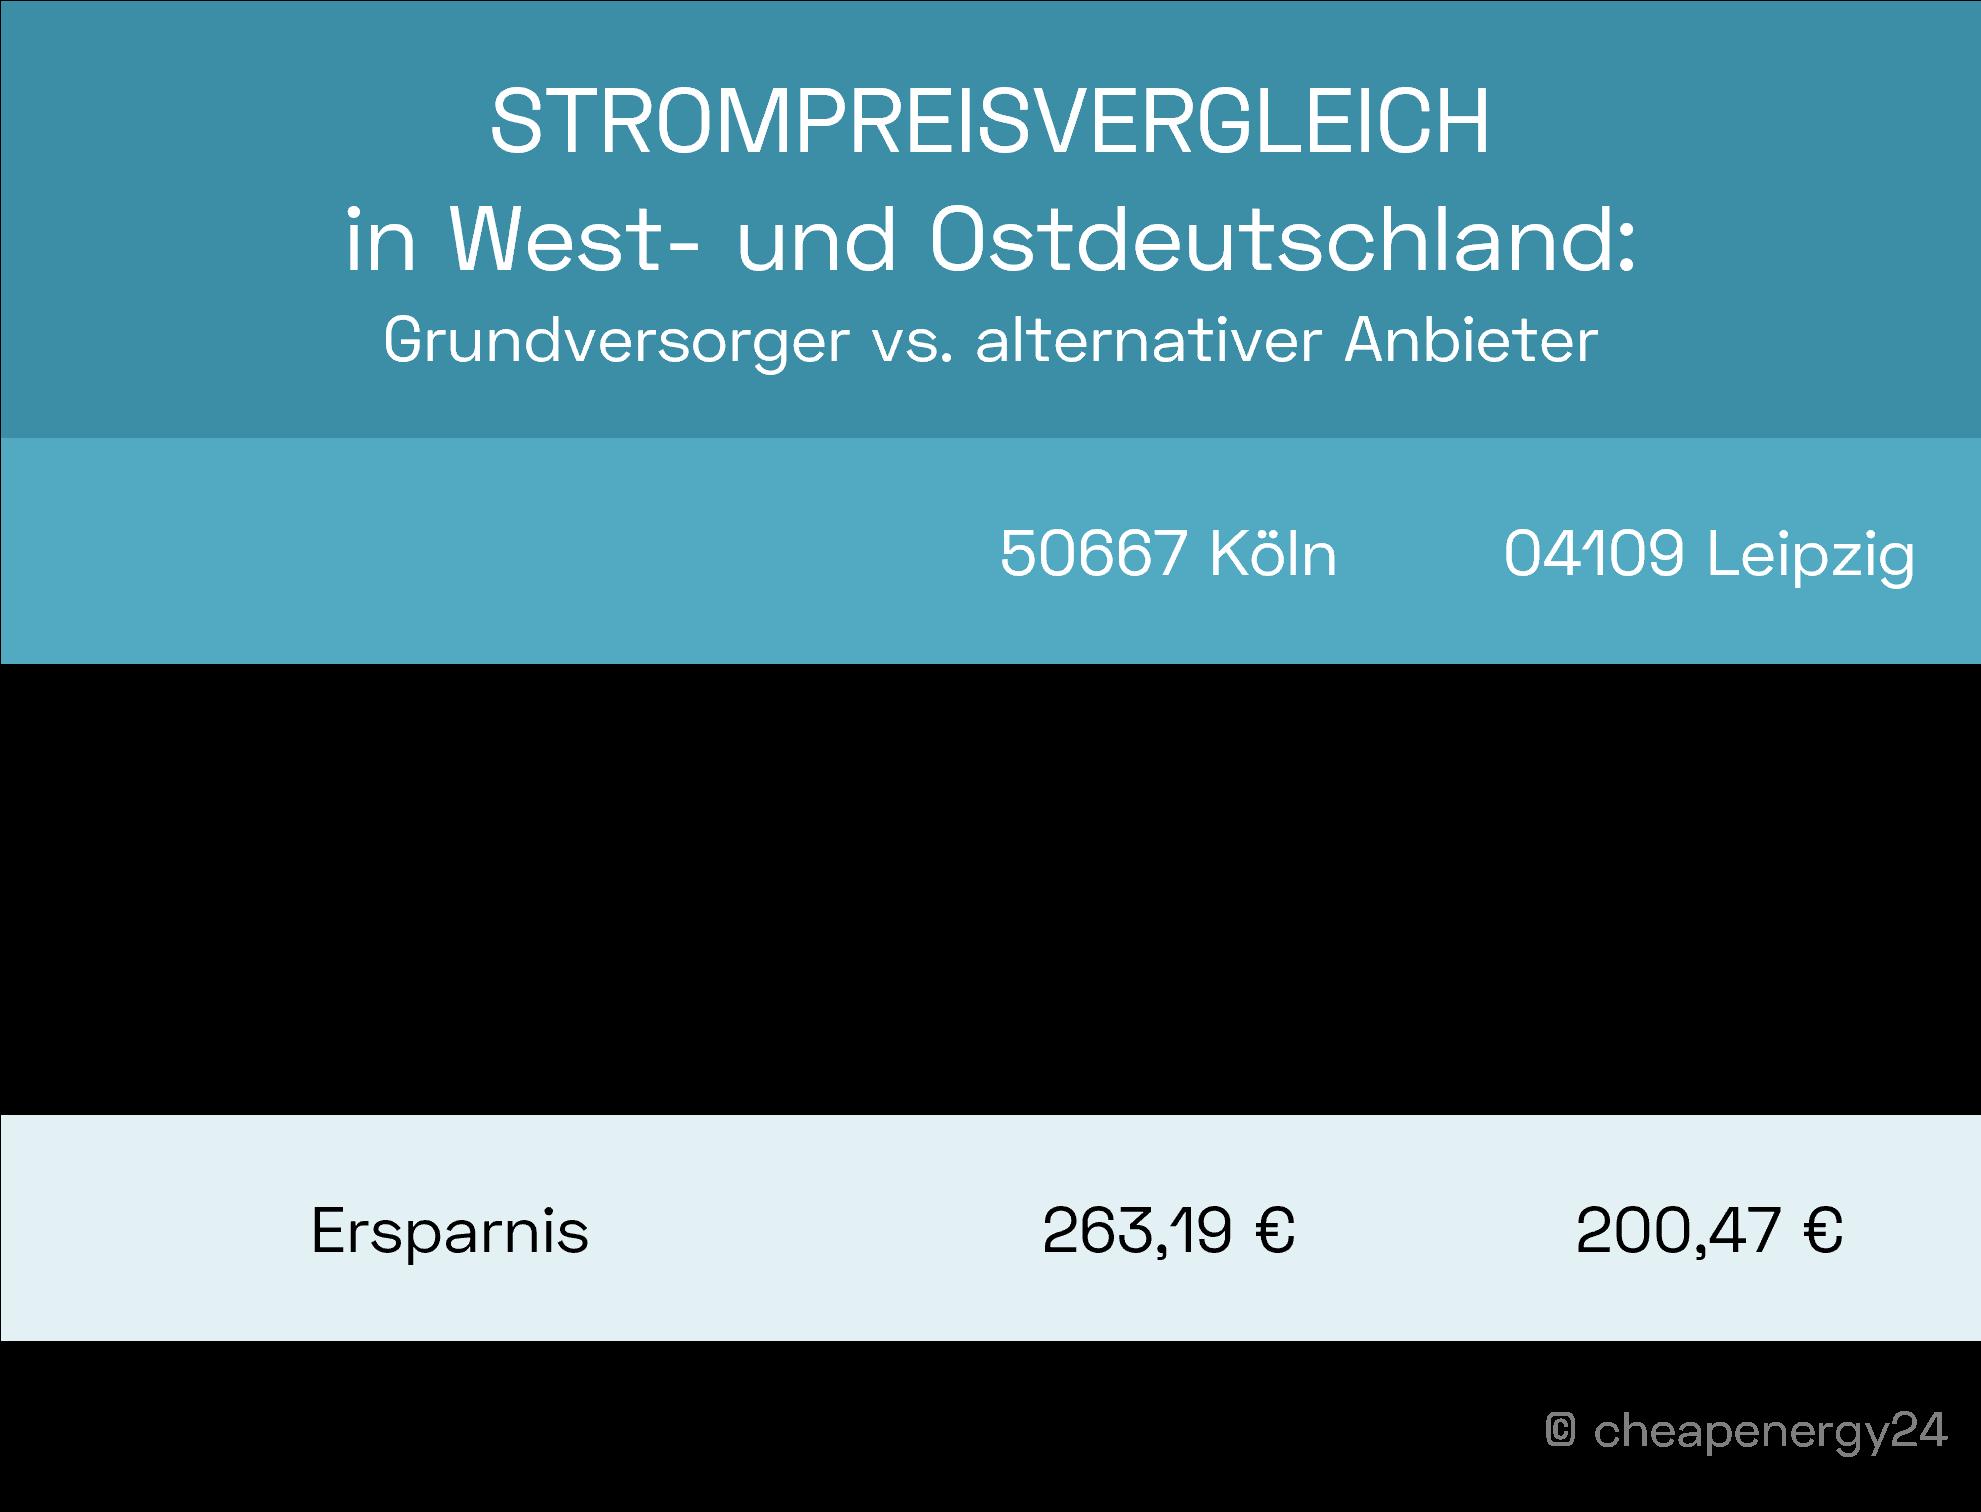 Strompreisvergleich Westdeutschland Ostdeutschland